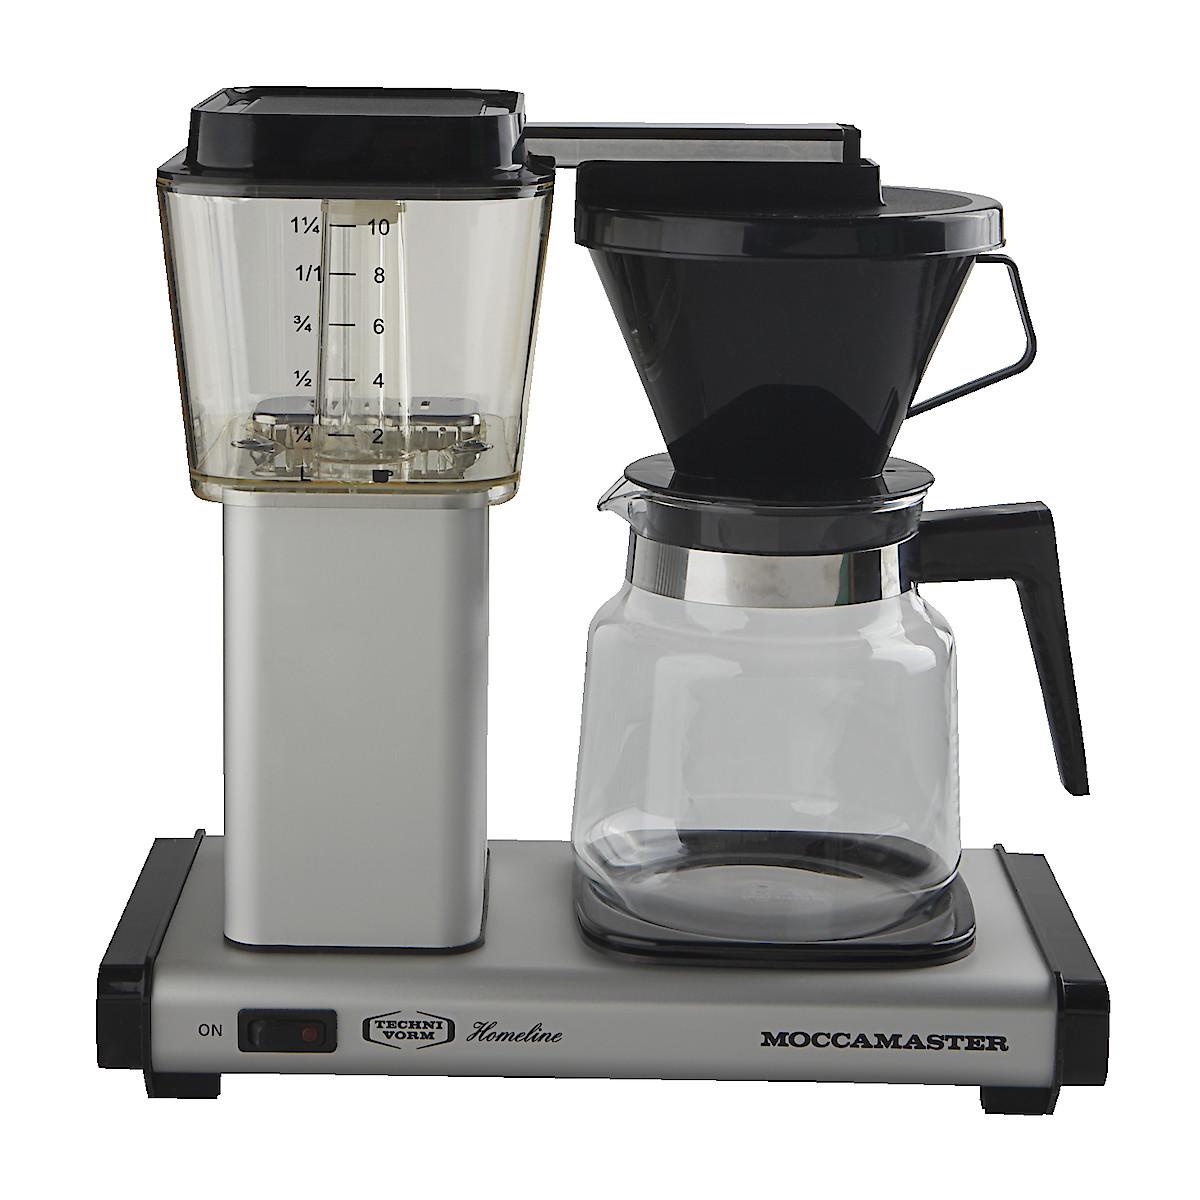 Moccamaster K741 Homeline Coffee Maker